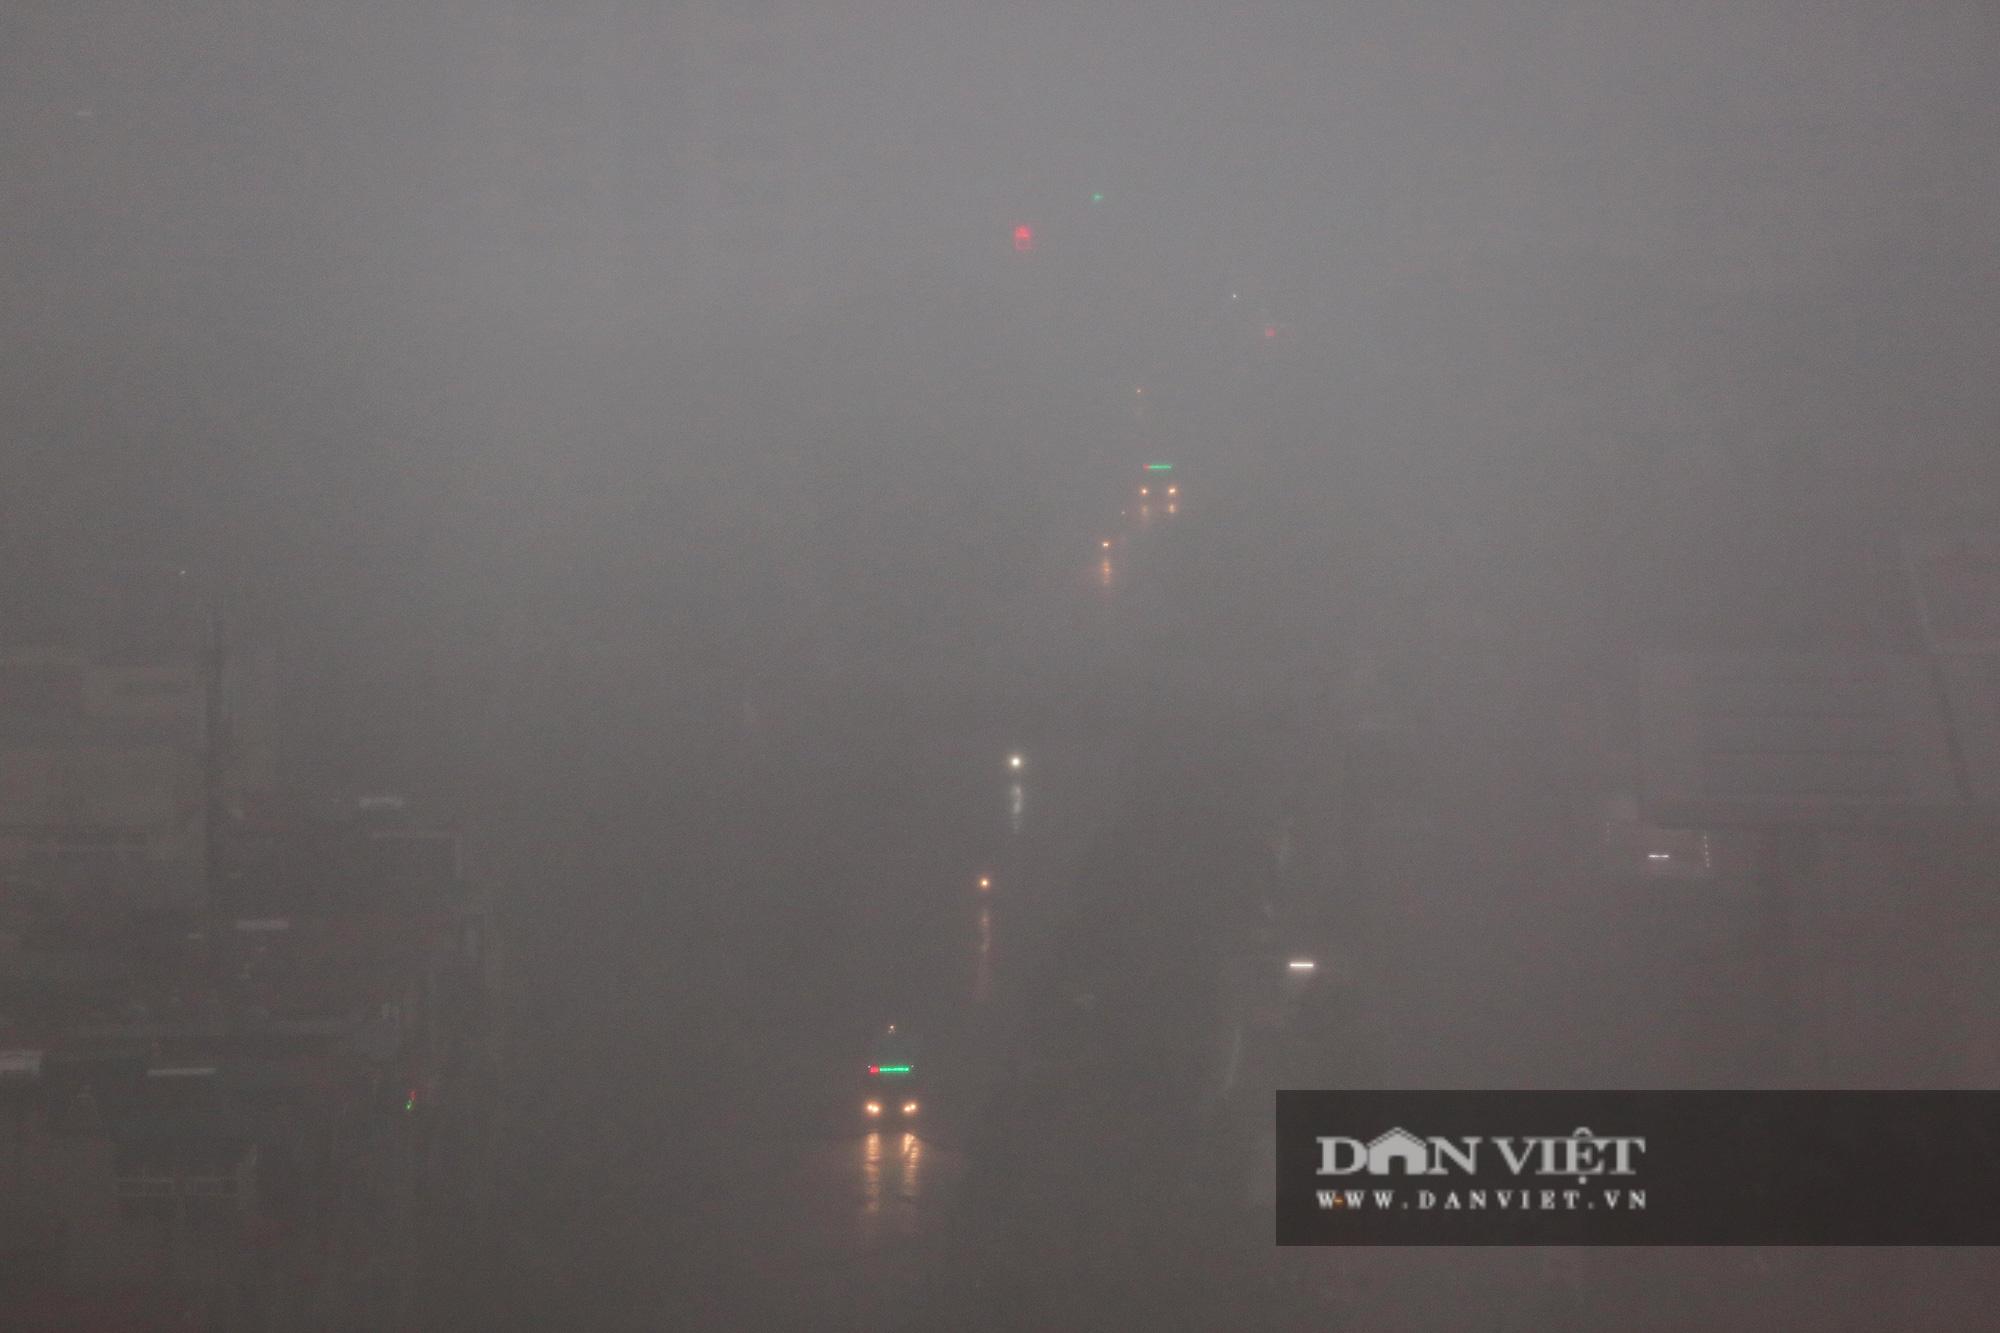 Bầu trời Hà Nội tối đen, mưa như trút do ảnh hưởng của bão số 2 - Ảnh 1.